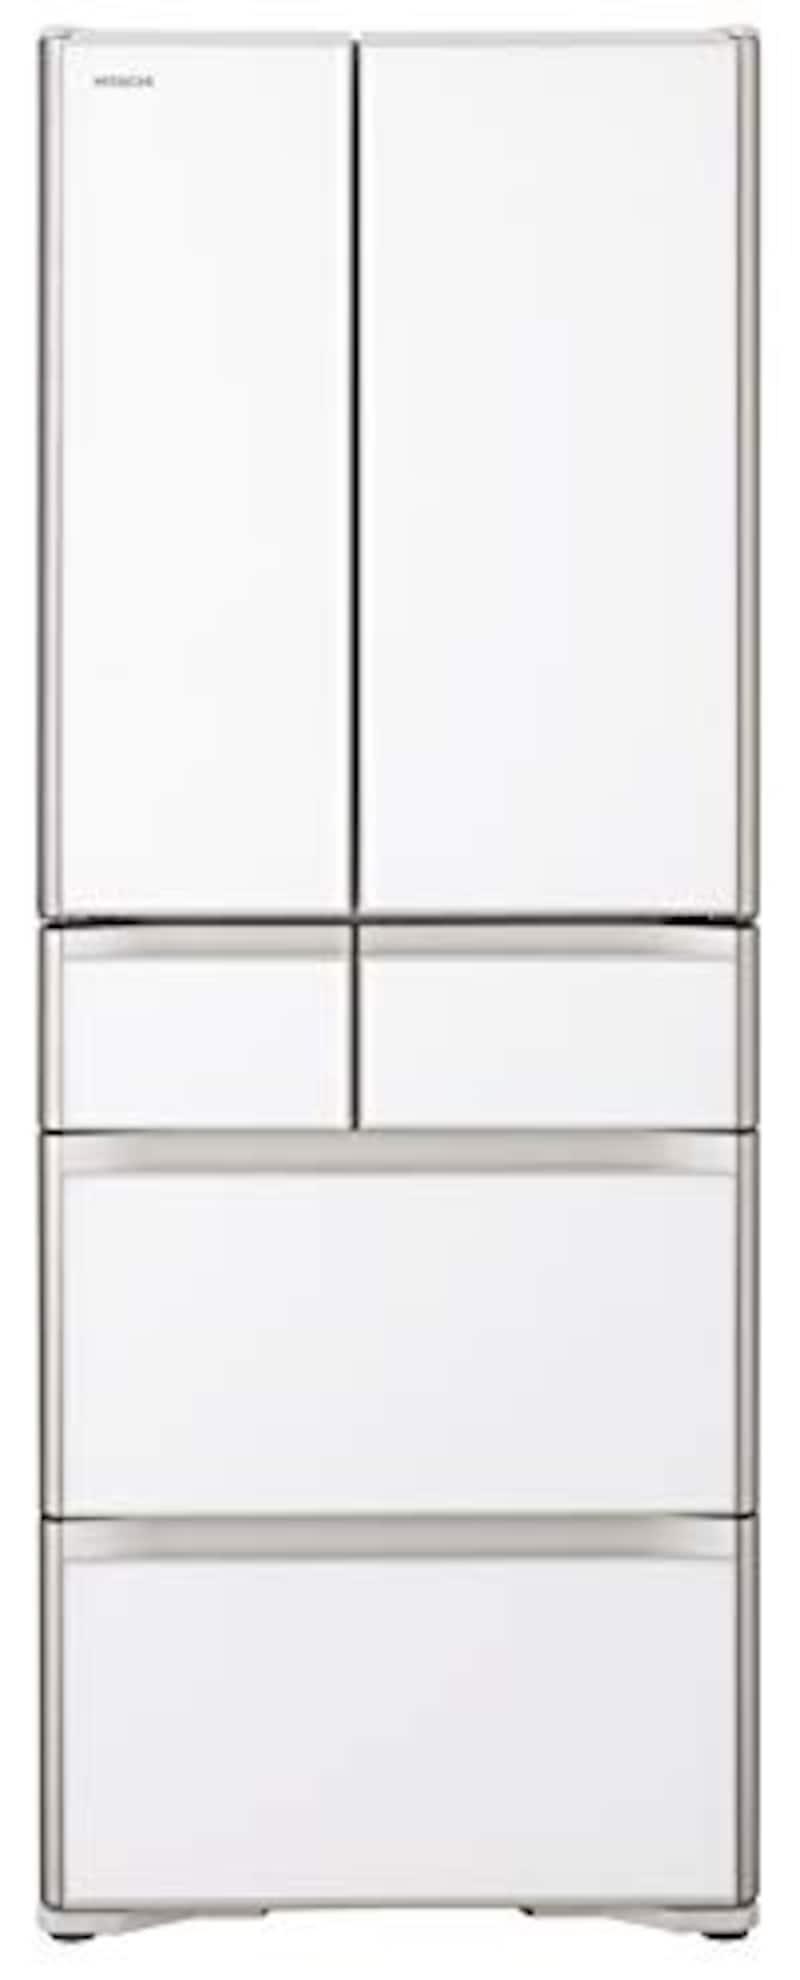 HITACHI(日立),冷蔵庫,R-X48N XW